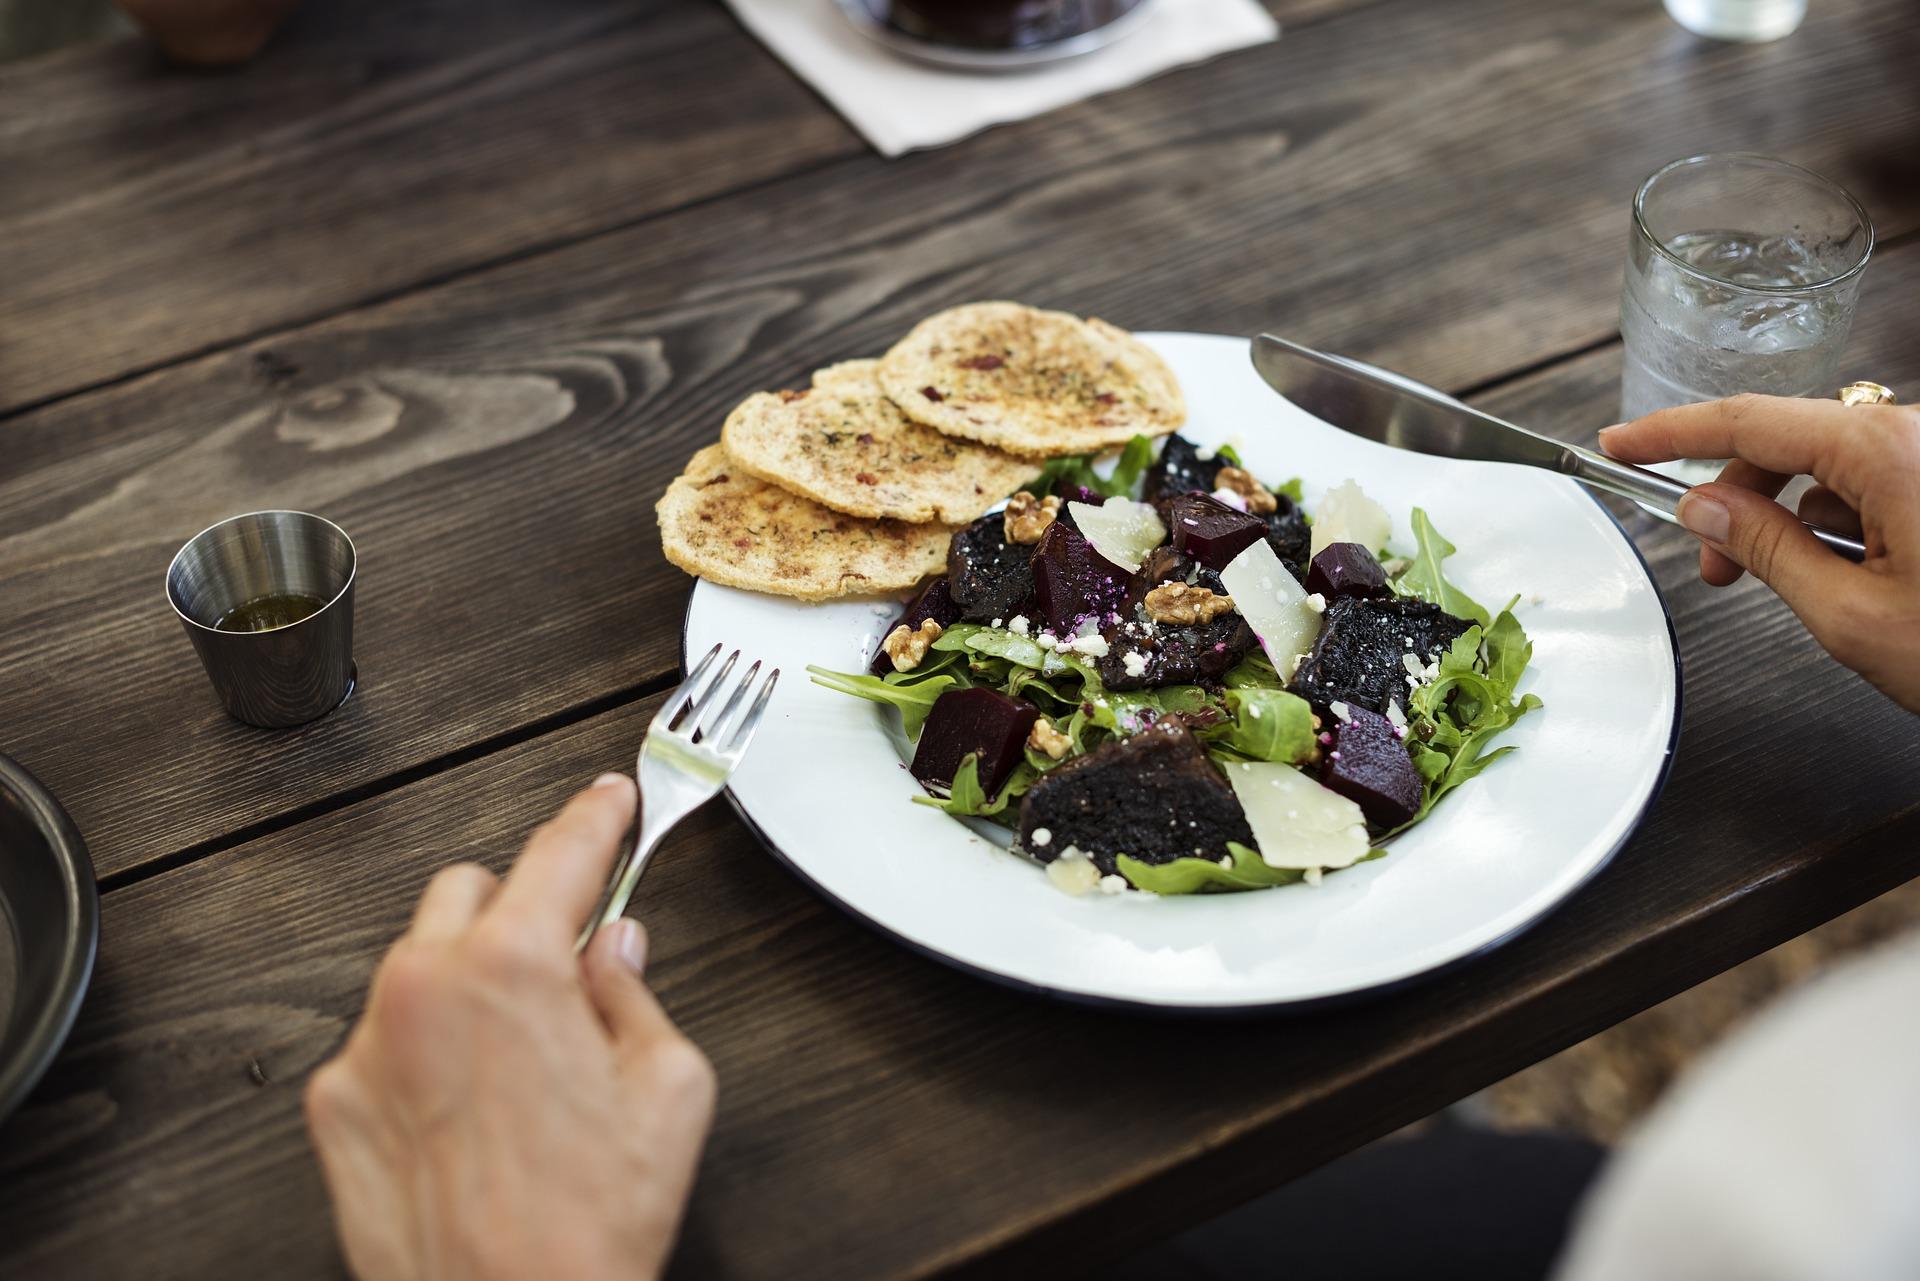 comer ensalada sin vinagre